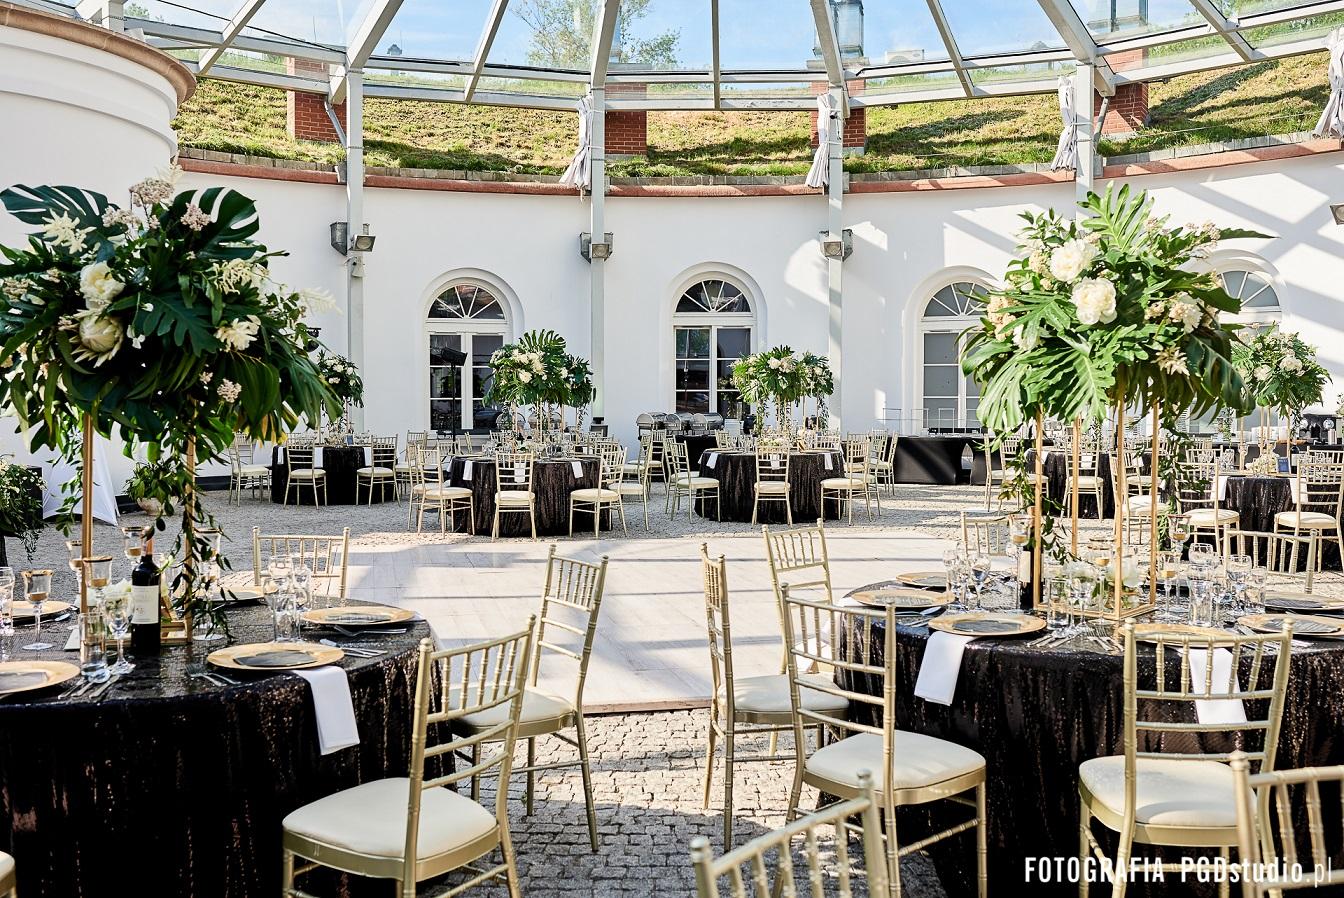 Wesele w motywie art deco the great gatsby organizowane przez Dariusz Zwadowski konsultant ślubny. Na zdjęciu czarny cekinowy obrus, złote podtalerze, świece z złotą obwolutą, papeteria w kształcie sześcianu oraz duży bukiet z liści monstery i białych kwiatów